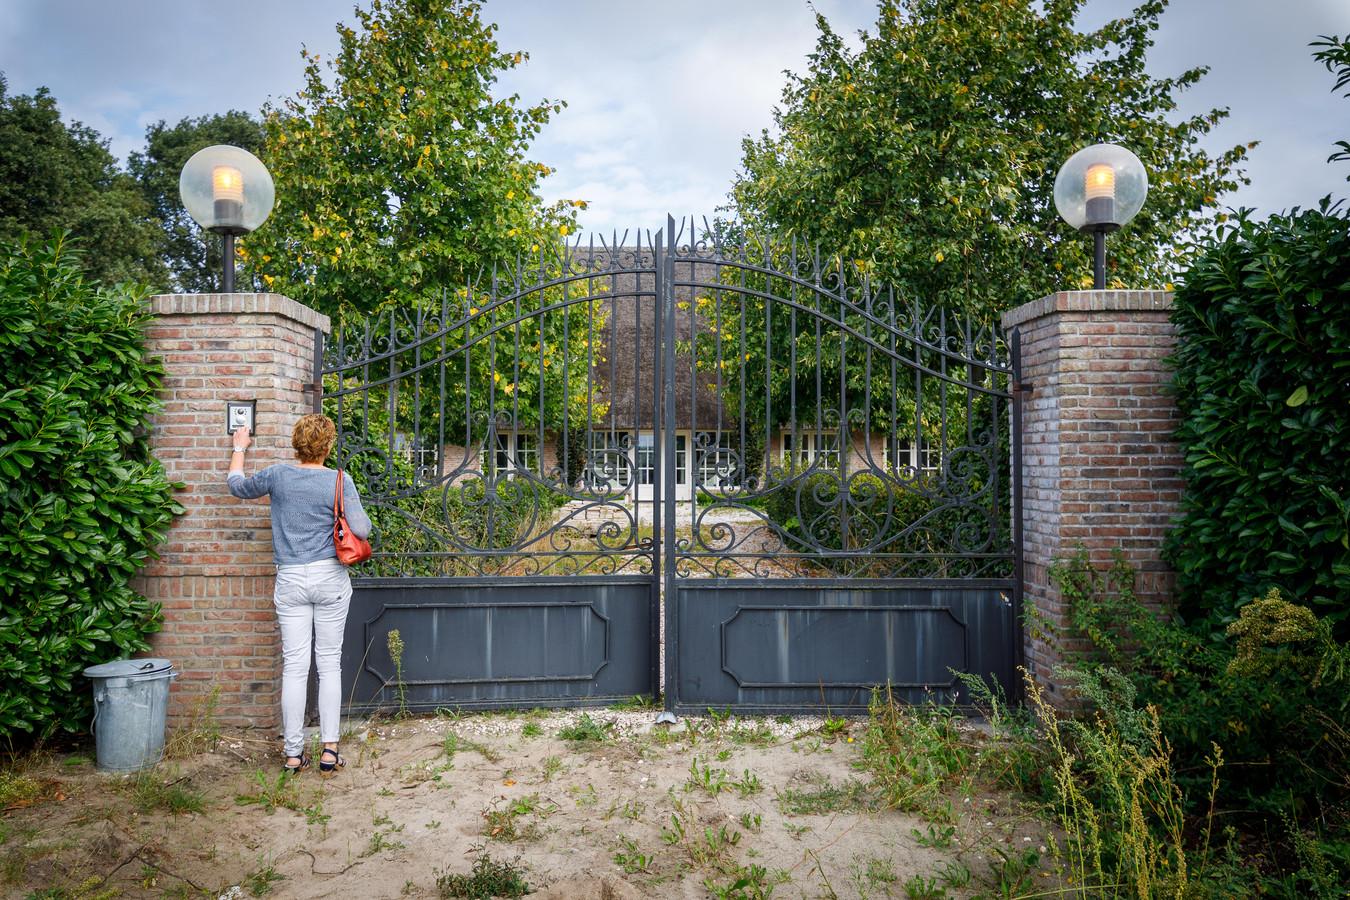 De Stentor-verslaggeefster Francisca Muller belt aan bij het landgoed waar Robert-Jan Mastenbroek zou wonen.